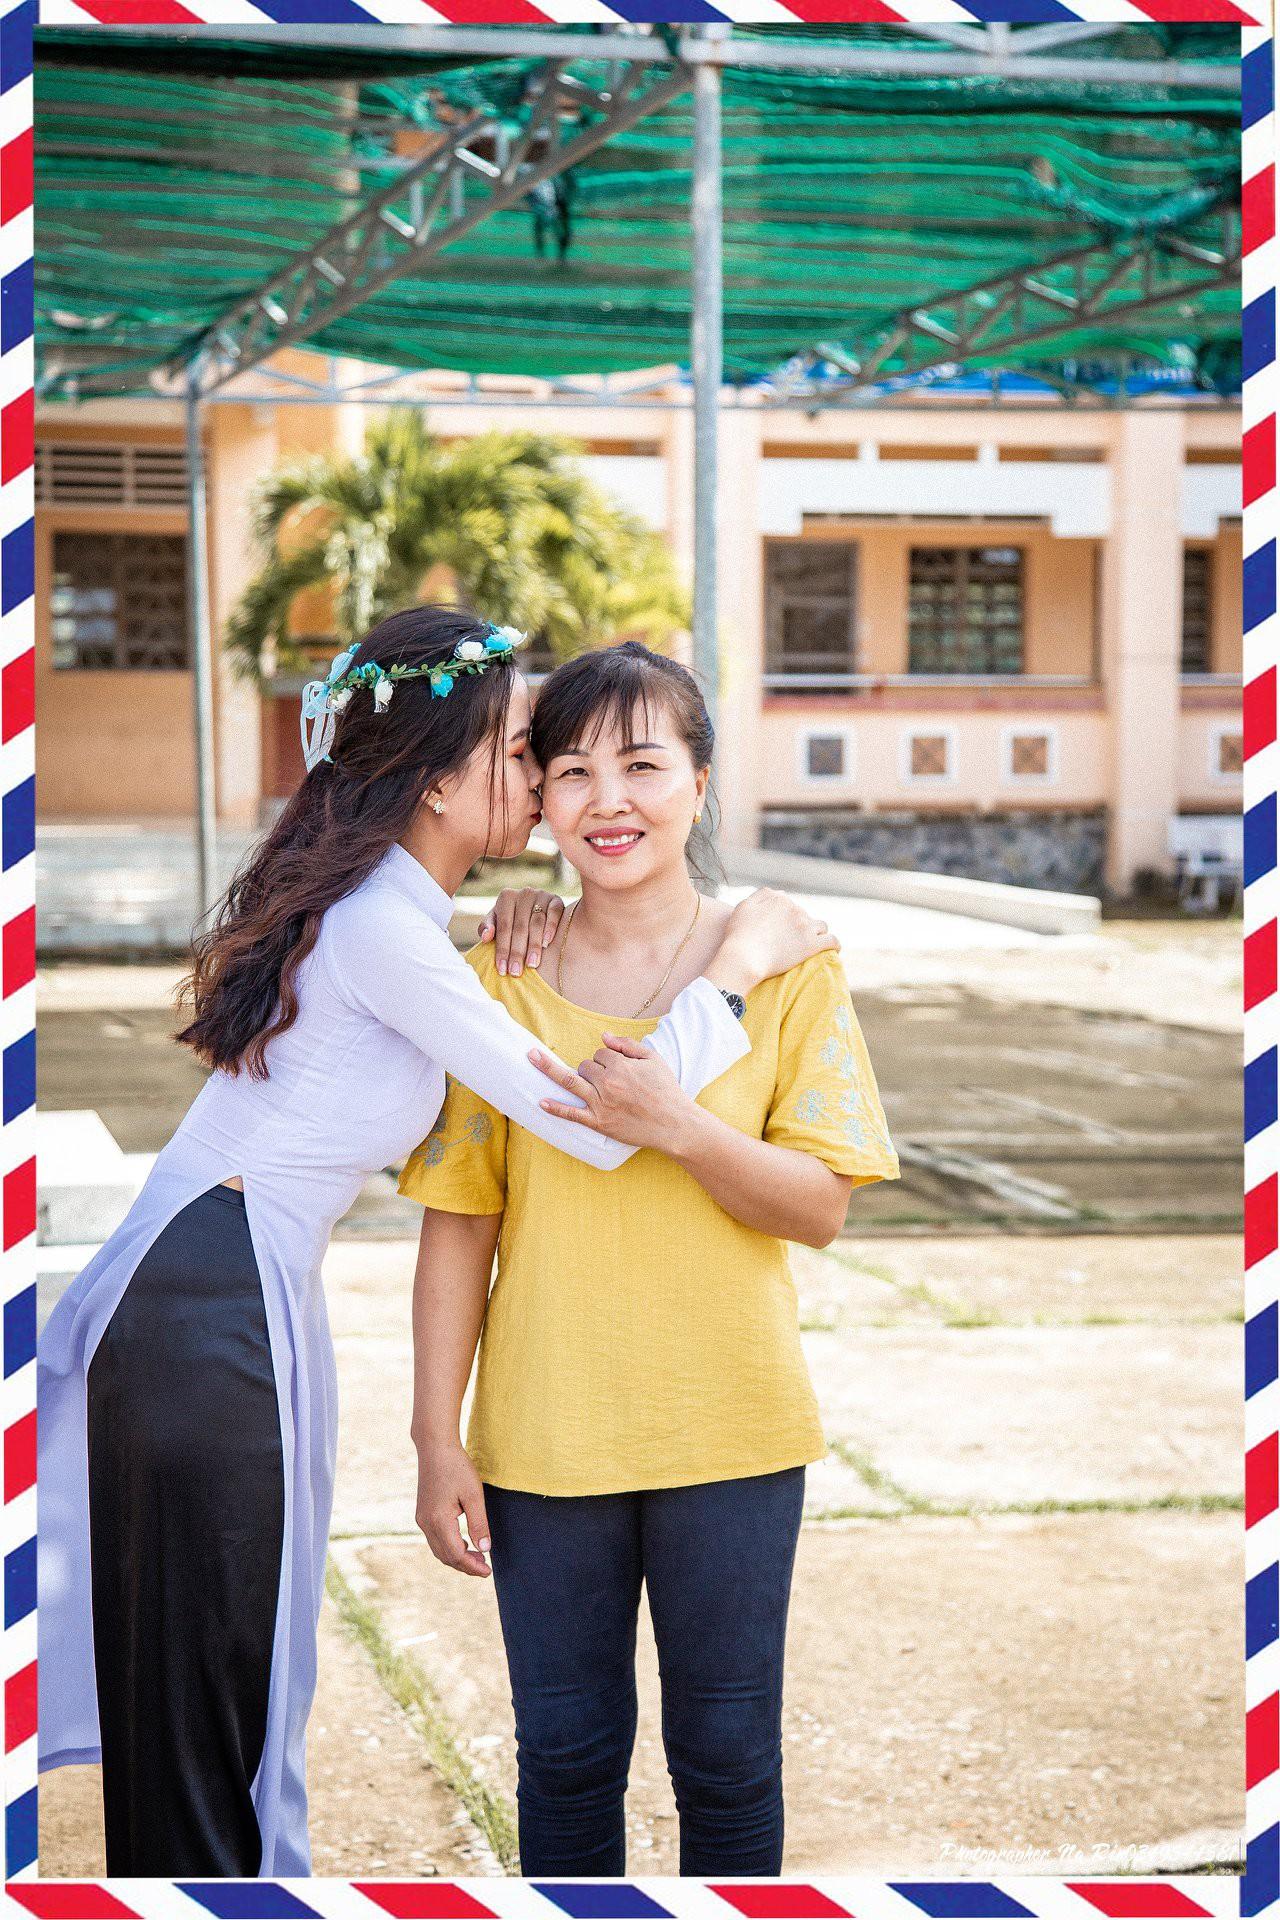 Hôn bố mẹ trong lễ tri ân, bộ ảnh đơn giản mà ý nghĩa của học sinh lớp 12 khiến nhiều người nghẹn ngào - Ảnh 1.